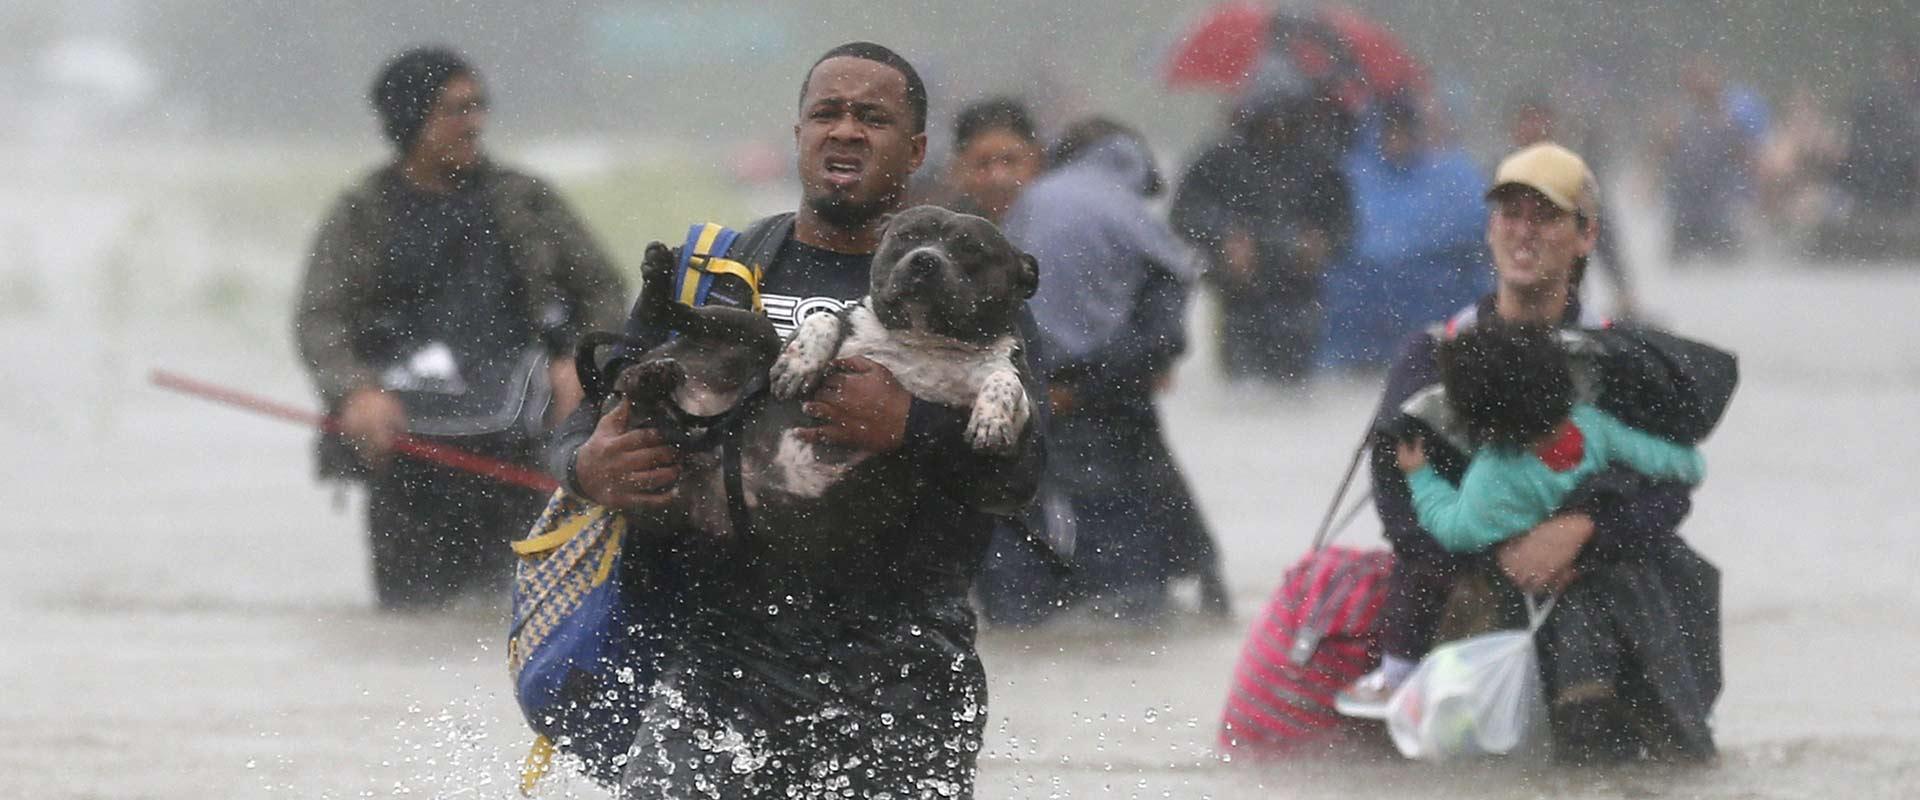 הוריקן הארווי/ צילום: רויטרס